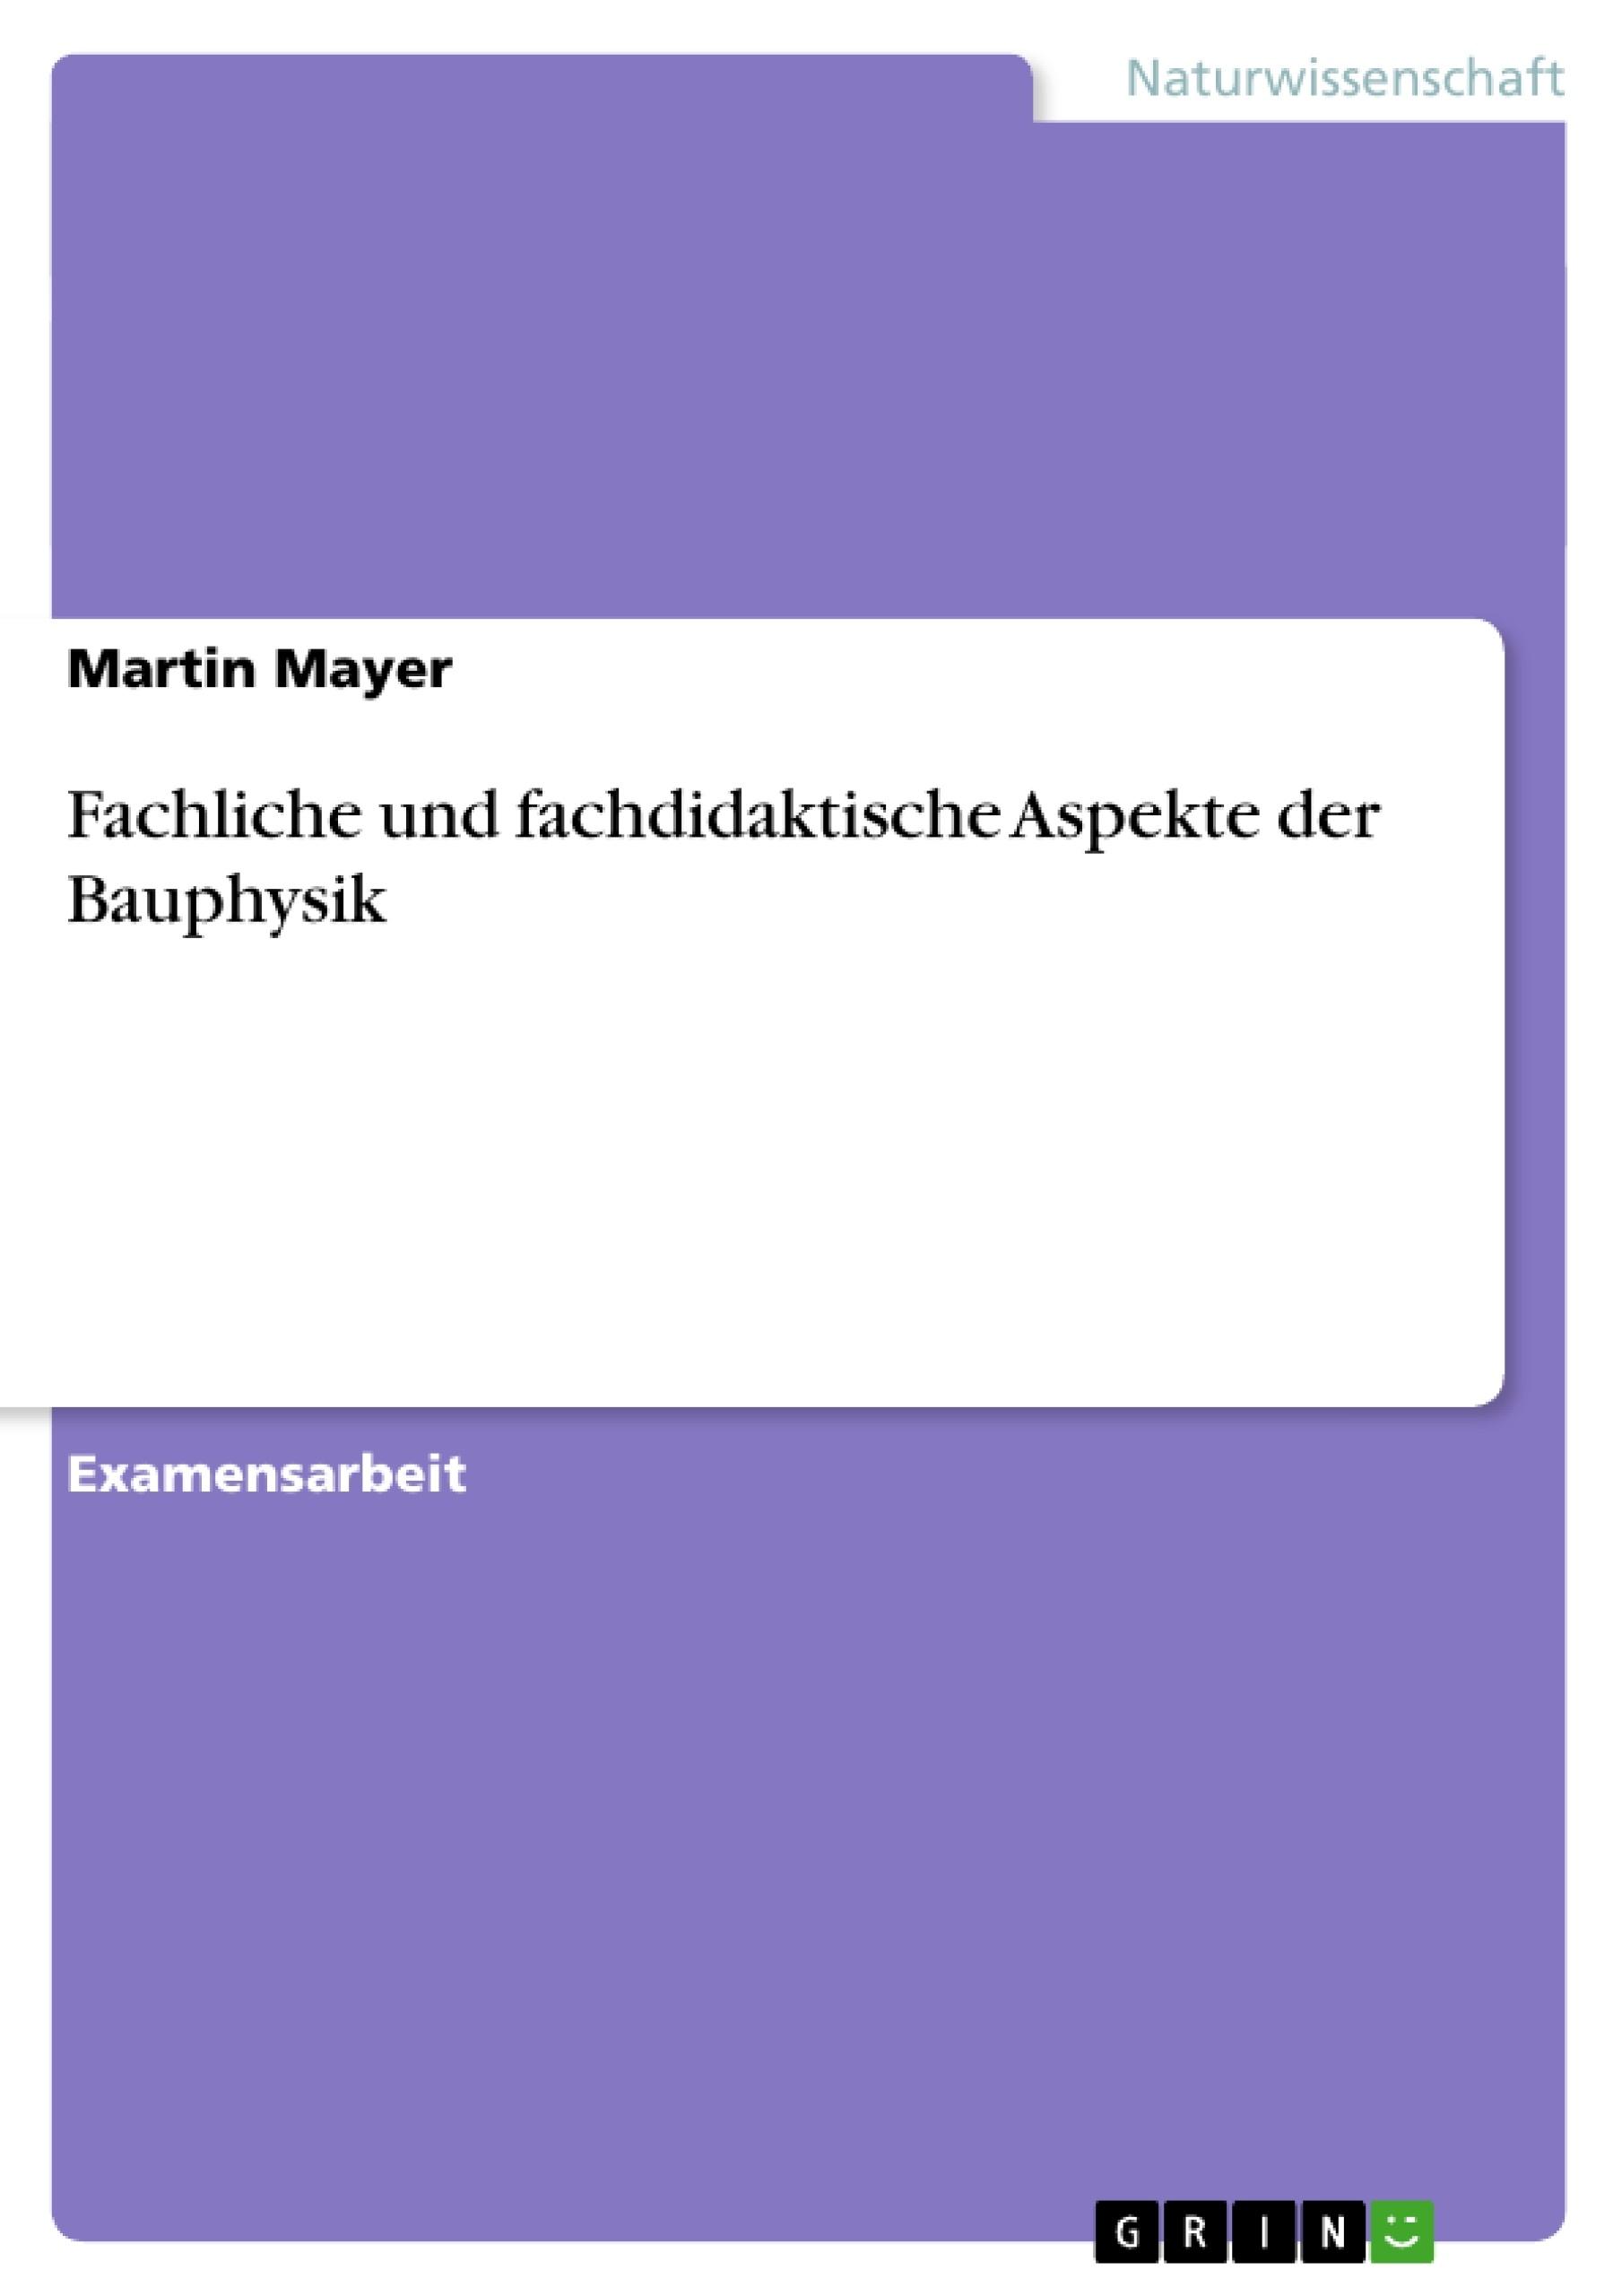 Fachliche und fachdidaktische Aspekte der Bauphysik | Masterarbeit ...